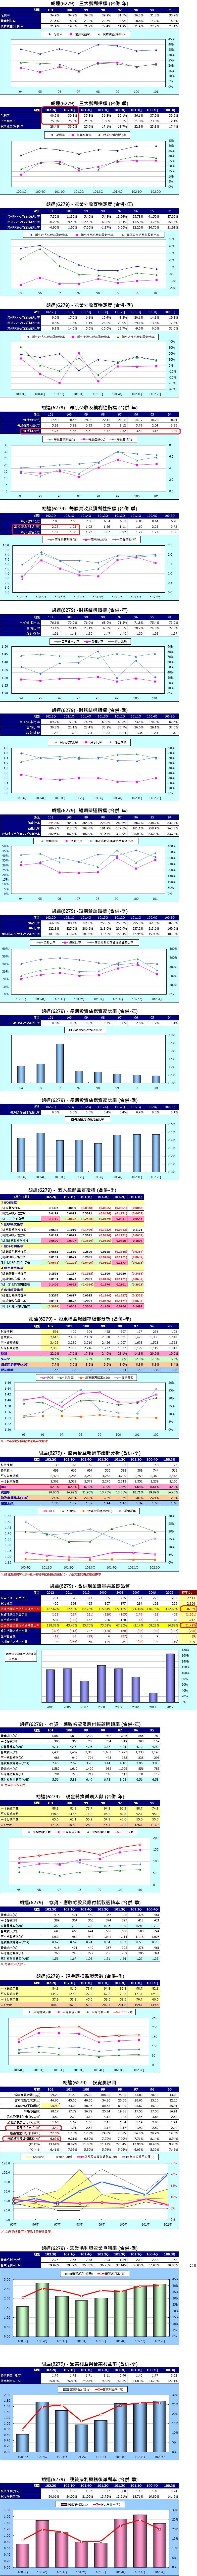 6279細部財務分析